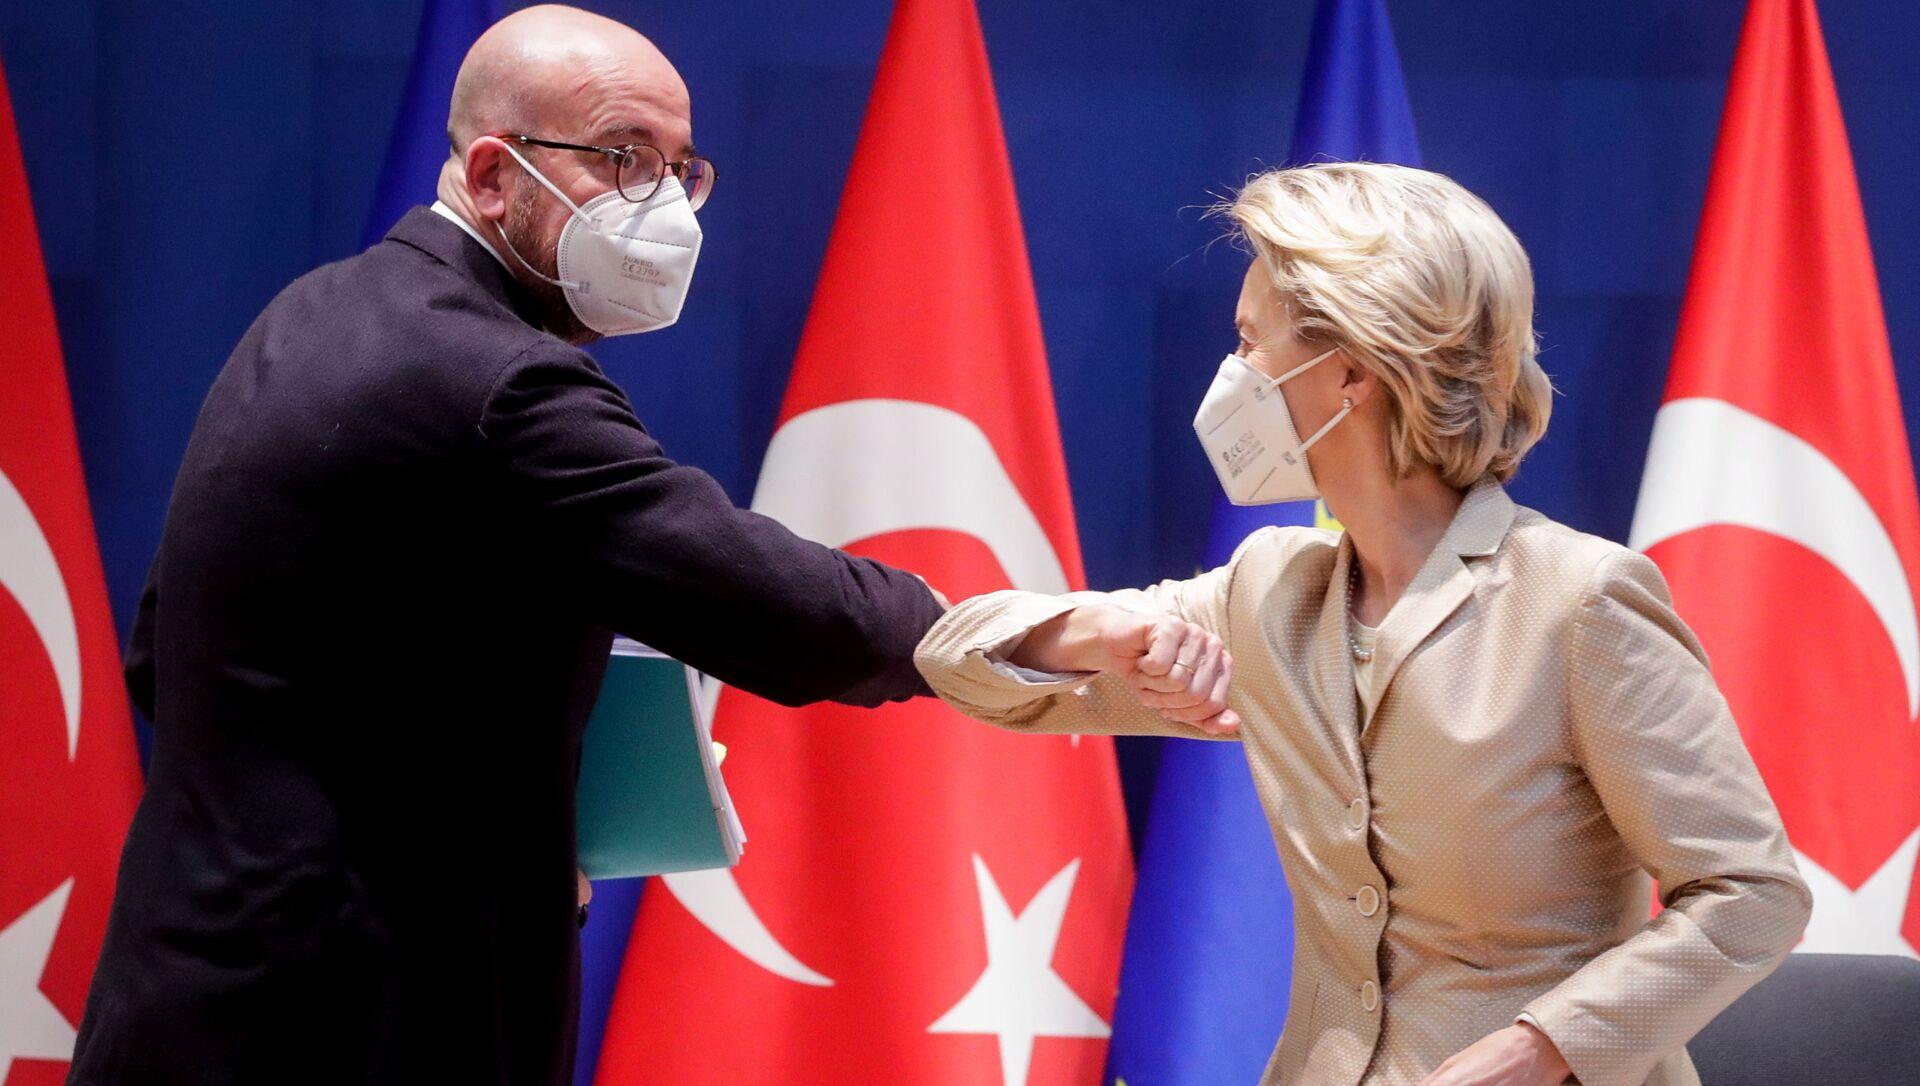 AB'nin iki başkanı Charles Michel ile Ursula von der Leyen, Recep Tayyip Erdoğan ile video görüşmesine girmeden önce dirsek selamı verirken - Sputnik Türkiye, 1920, 10.04.2021